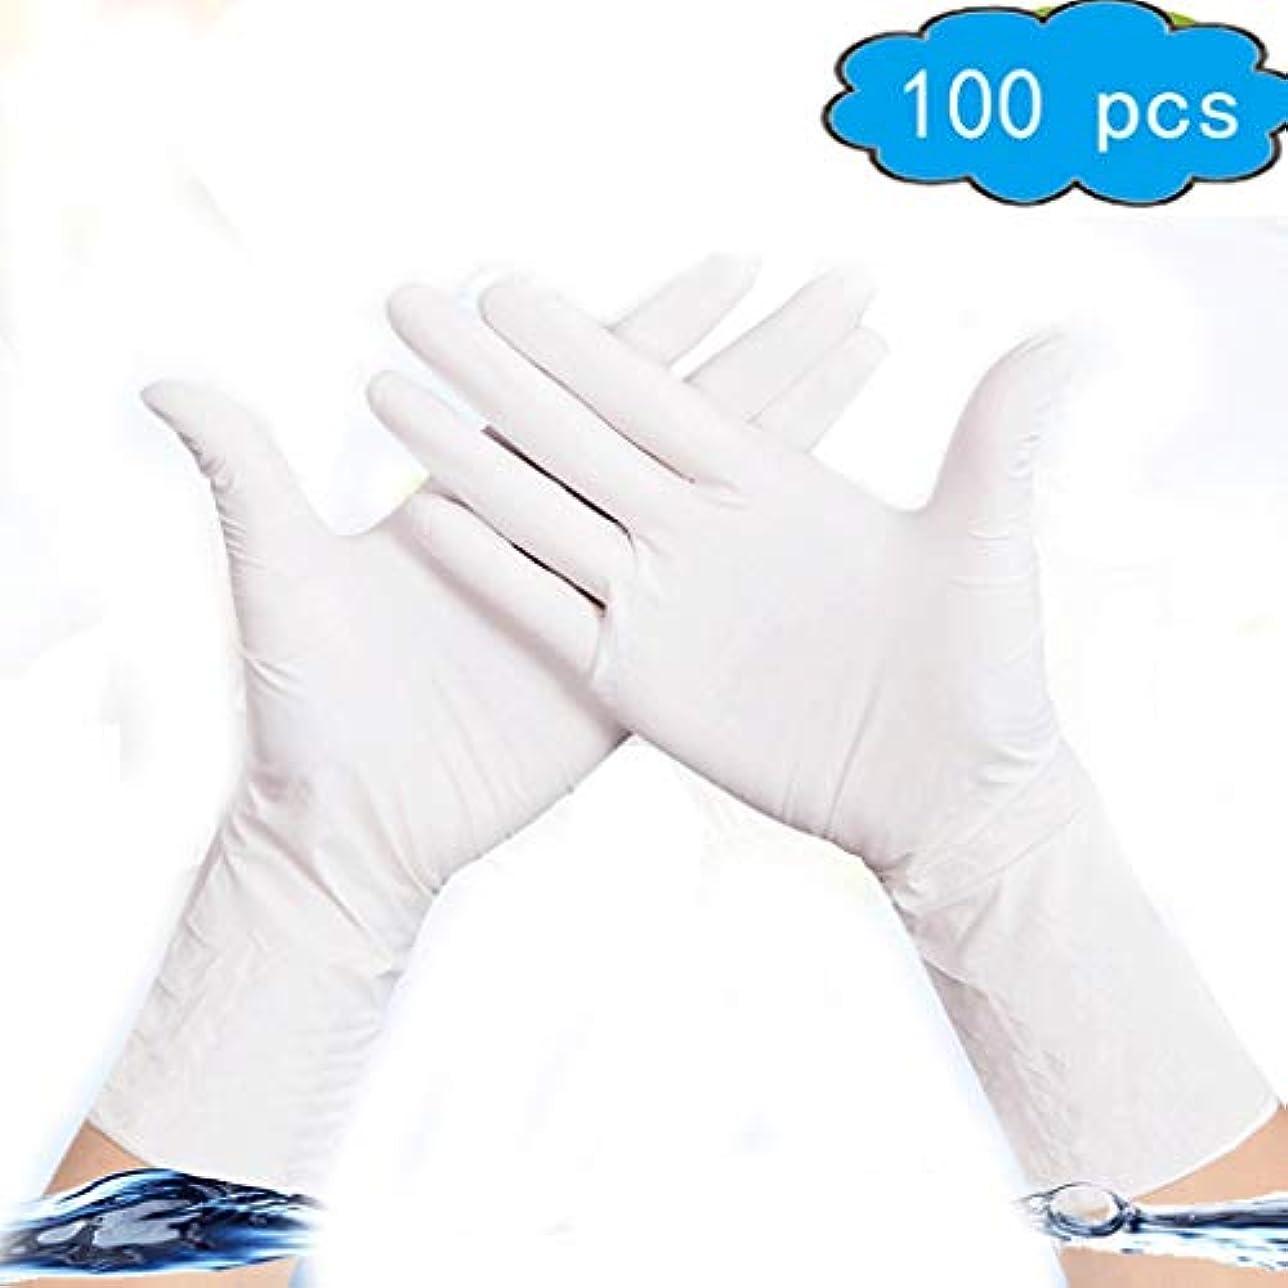 カード過剰楽観的使い捨てニトリル手袋、無粉末、滑らかな肌触り、食品グレード、非滅菌[100パック]、サニタリー手袋、家庭用品、ツール&ホームインプルーブメント (Color : White, Size : XS)